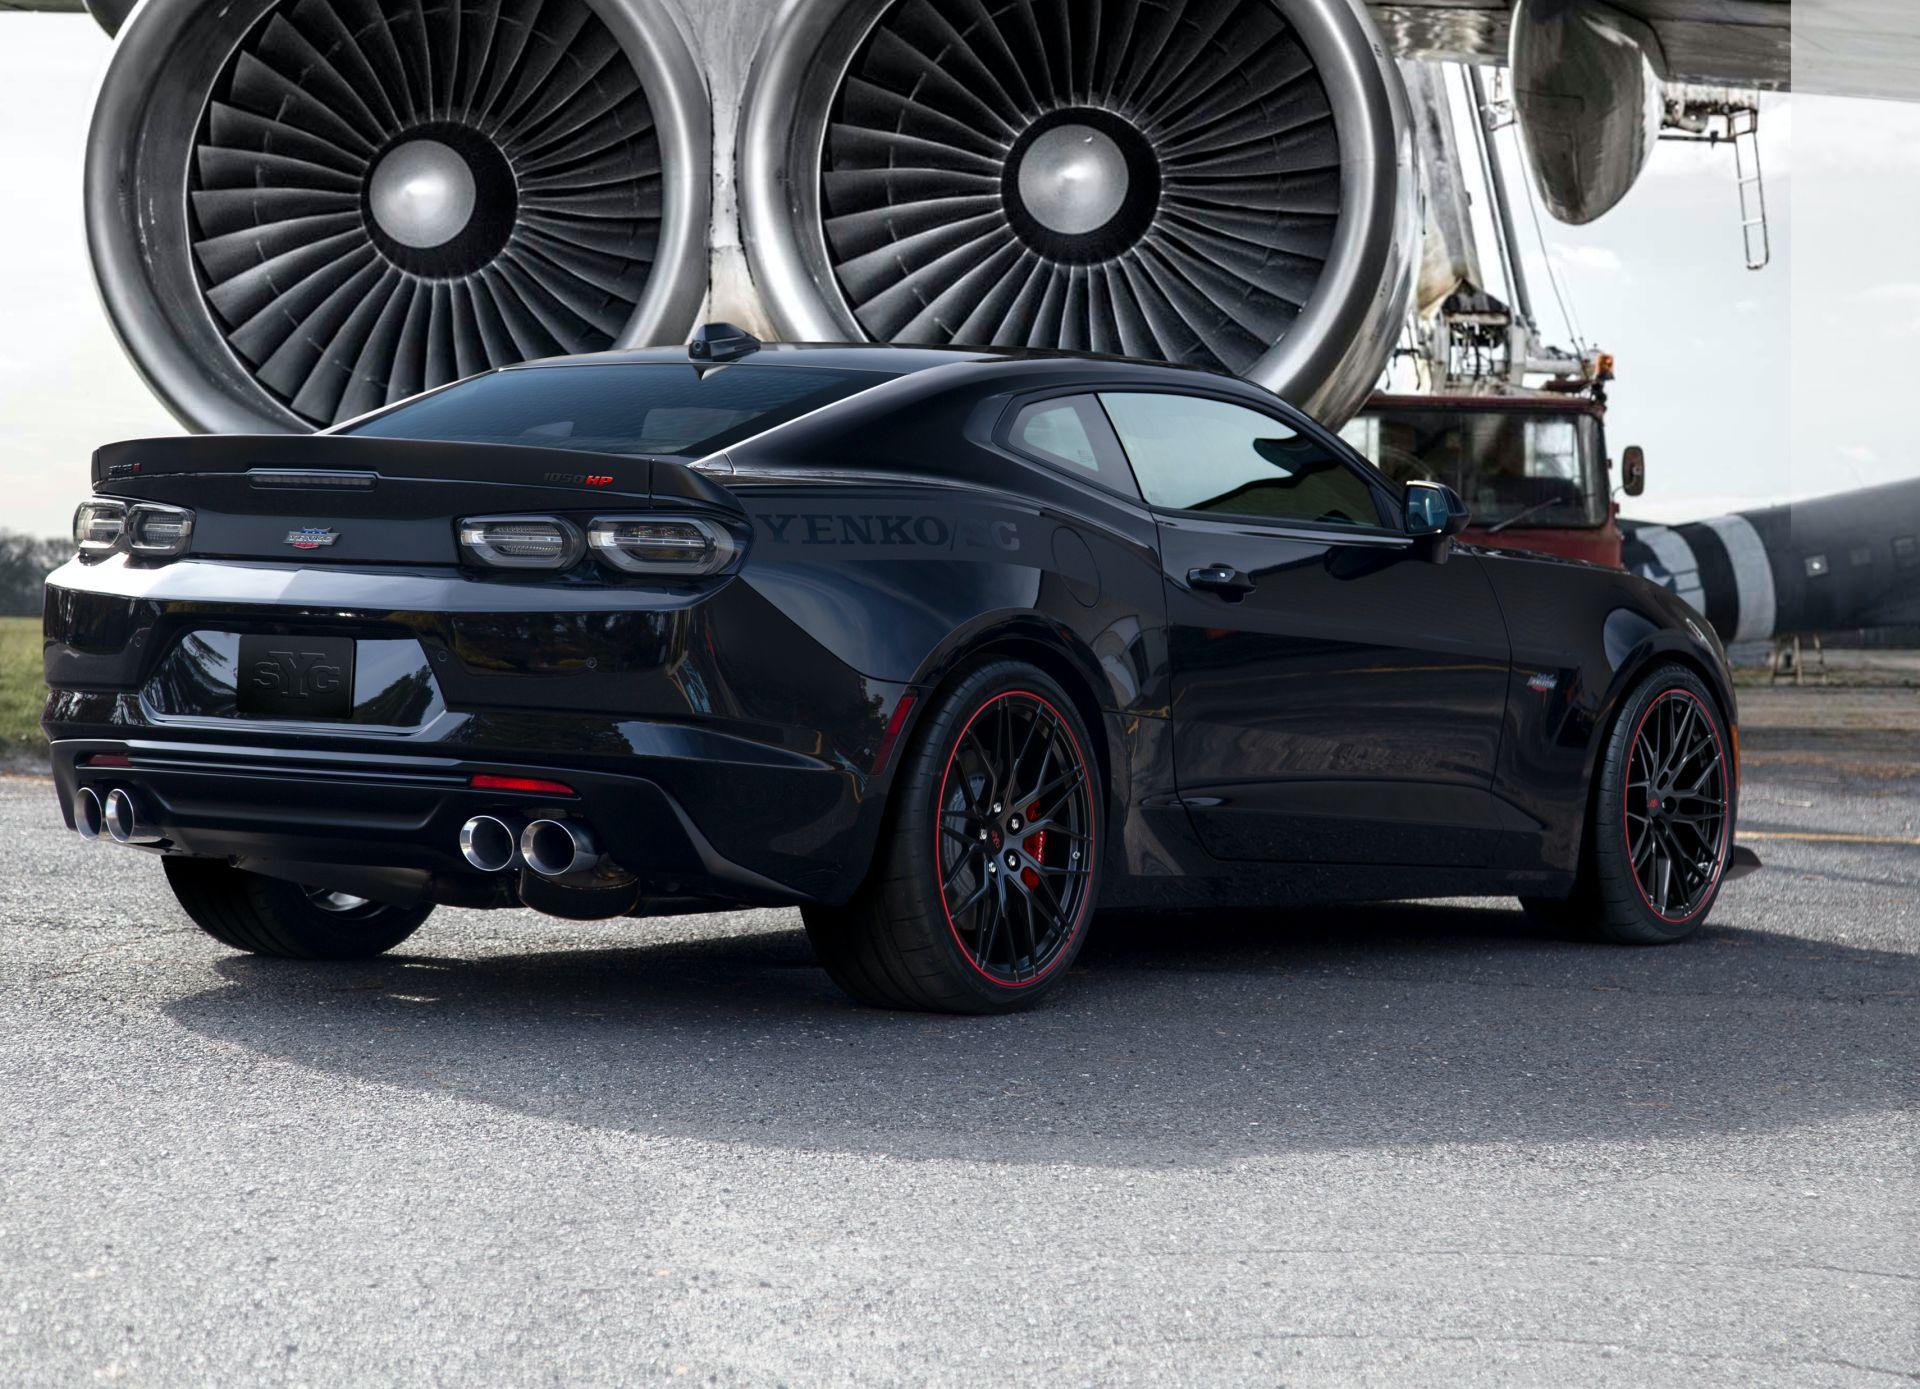 Экстремальное тюнинг-ателье Specialty Vehicle Engineering (SVE), знаменитое превращением обычных автомобилей в гиперкары, представило новый Chevrolet Camaro с «прокачкой» уровня Yenko/SC Stage 2. Компрессорный нагнетатель поднимает отдачу мотора до 1050 «лошадок» – но и платить за это приходится соответственно.